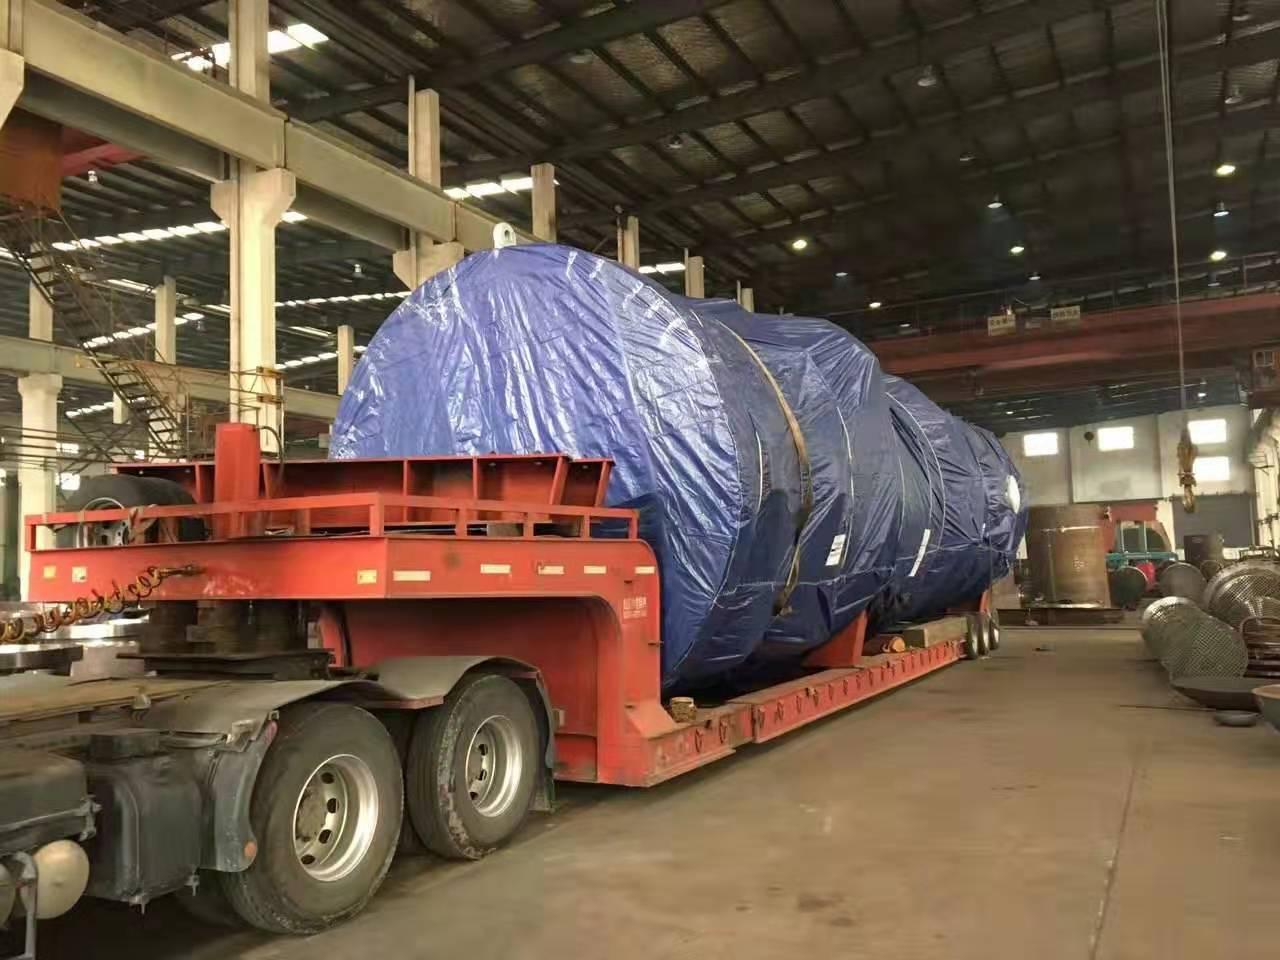 40公分高超低板抽拉板运输4.7米高货物